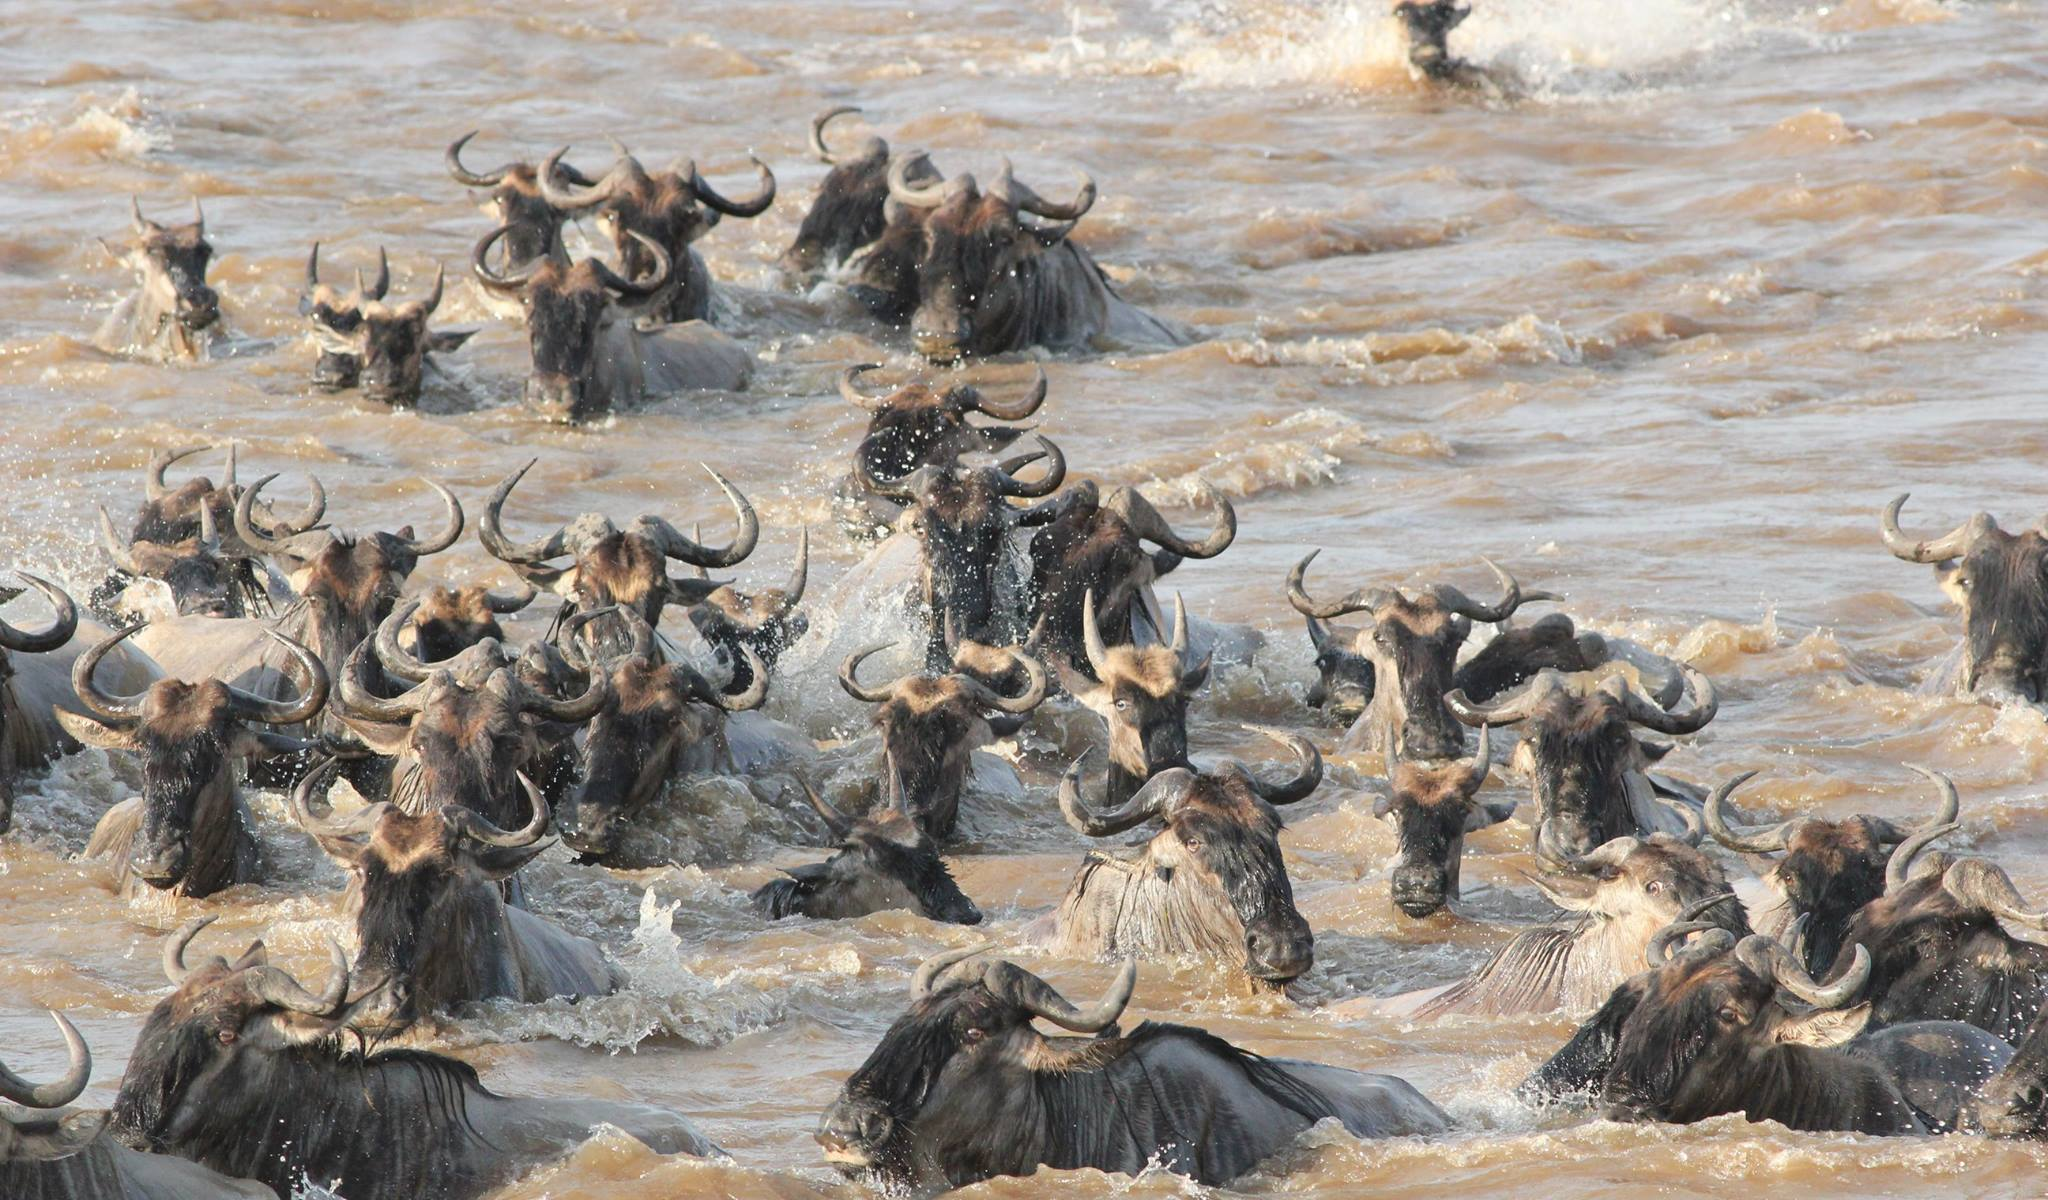 gnous traversant la rivière mara dans le nord du parc du Serengeti en Tanzanie